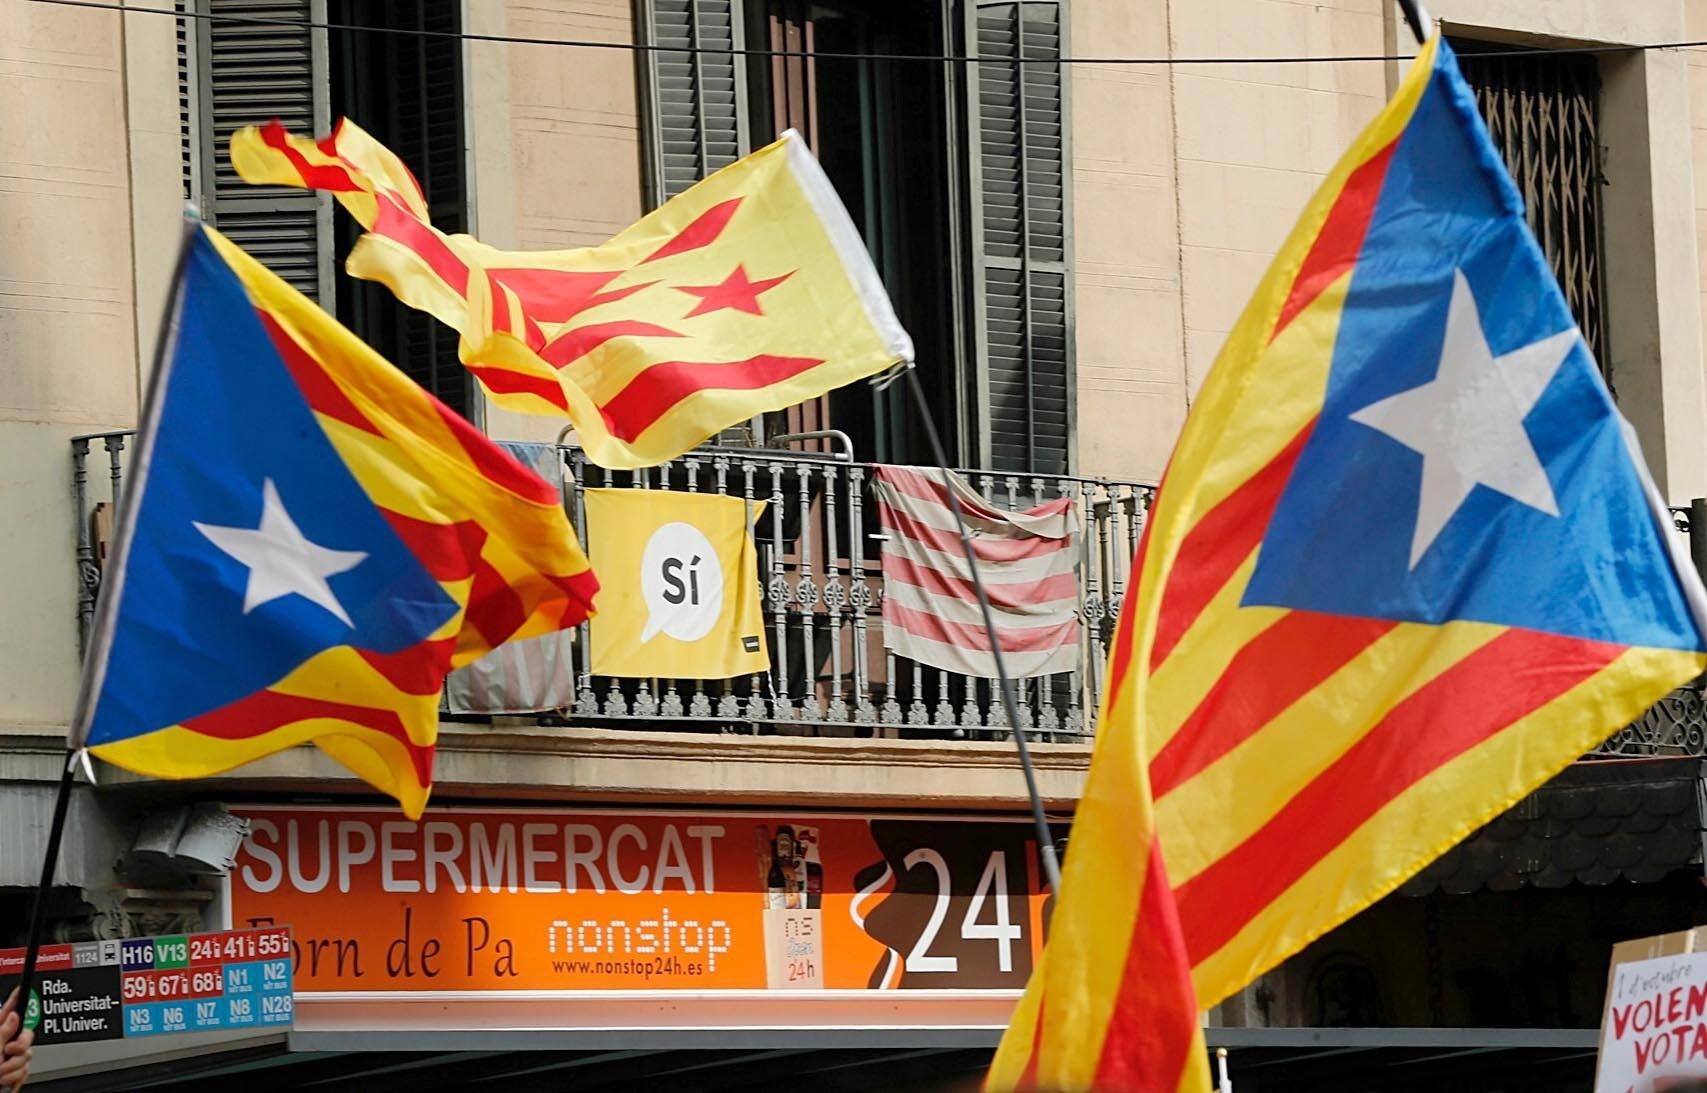 CaixaBank, dono do BPI, vai sair da Catalunha, avança